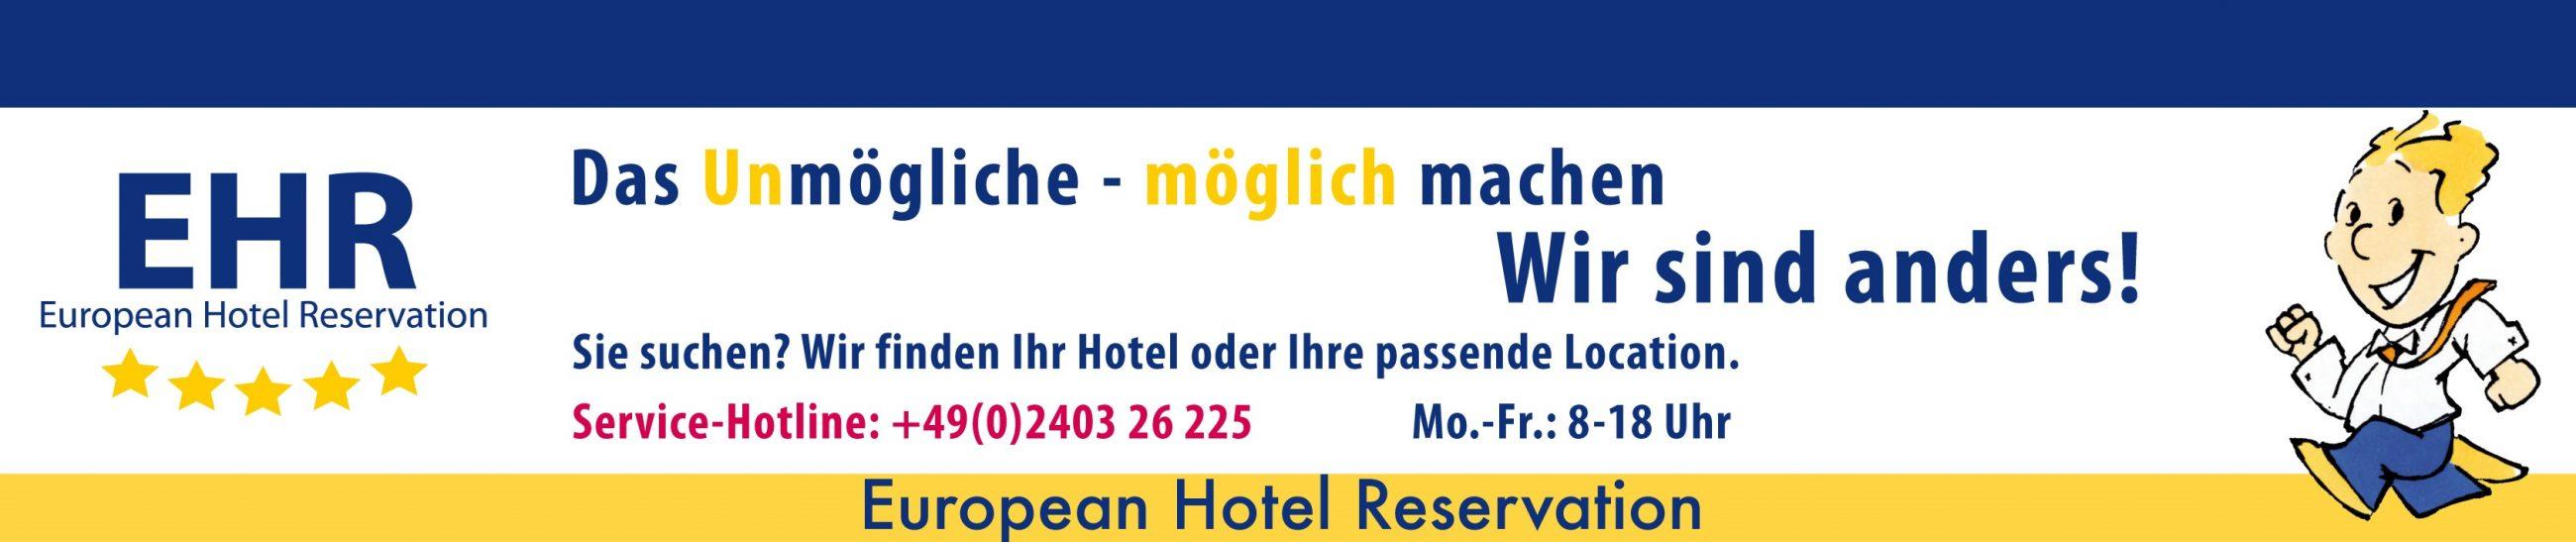 EHR Hotelreservation